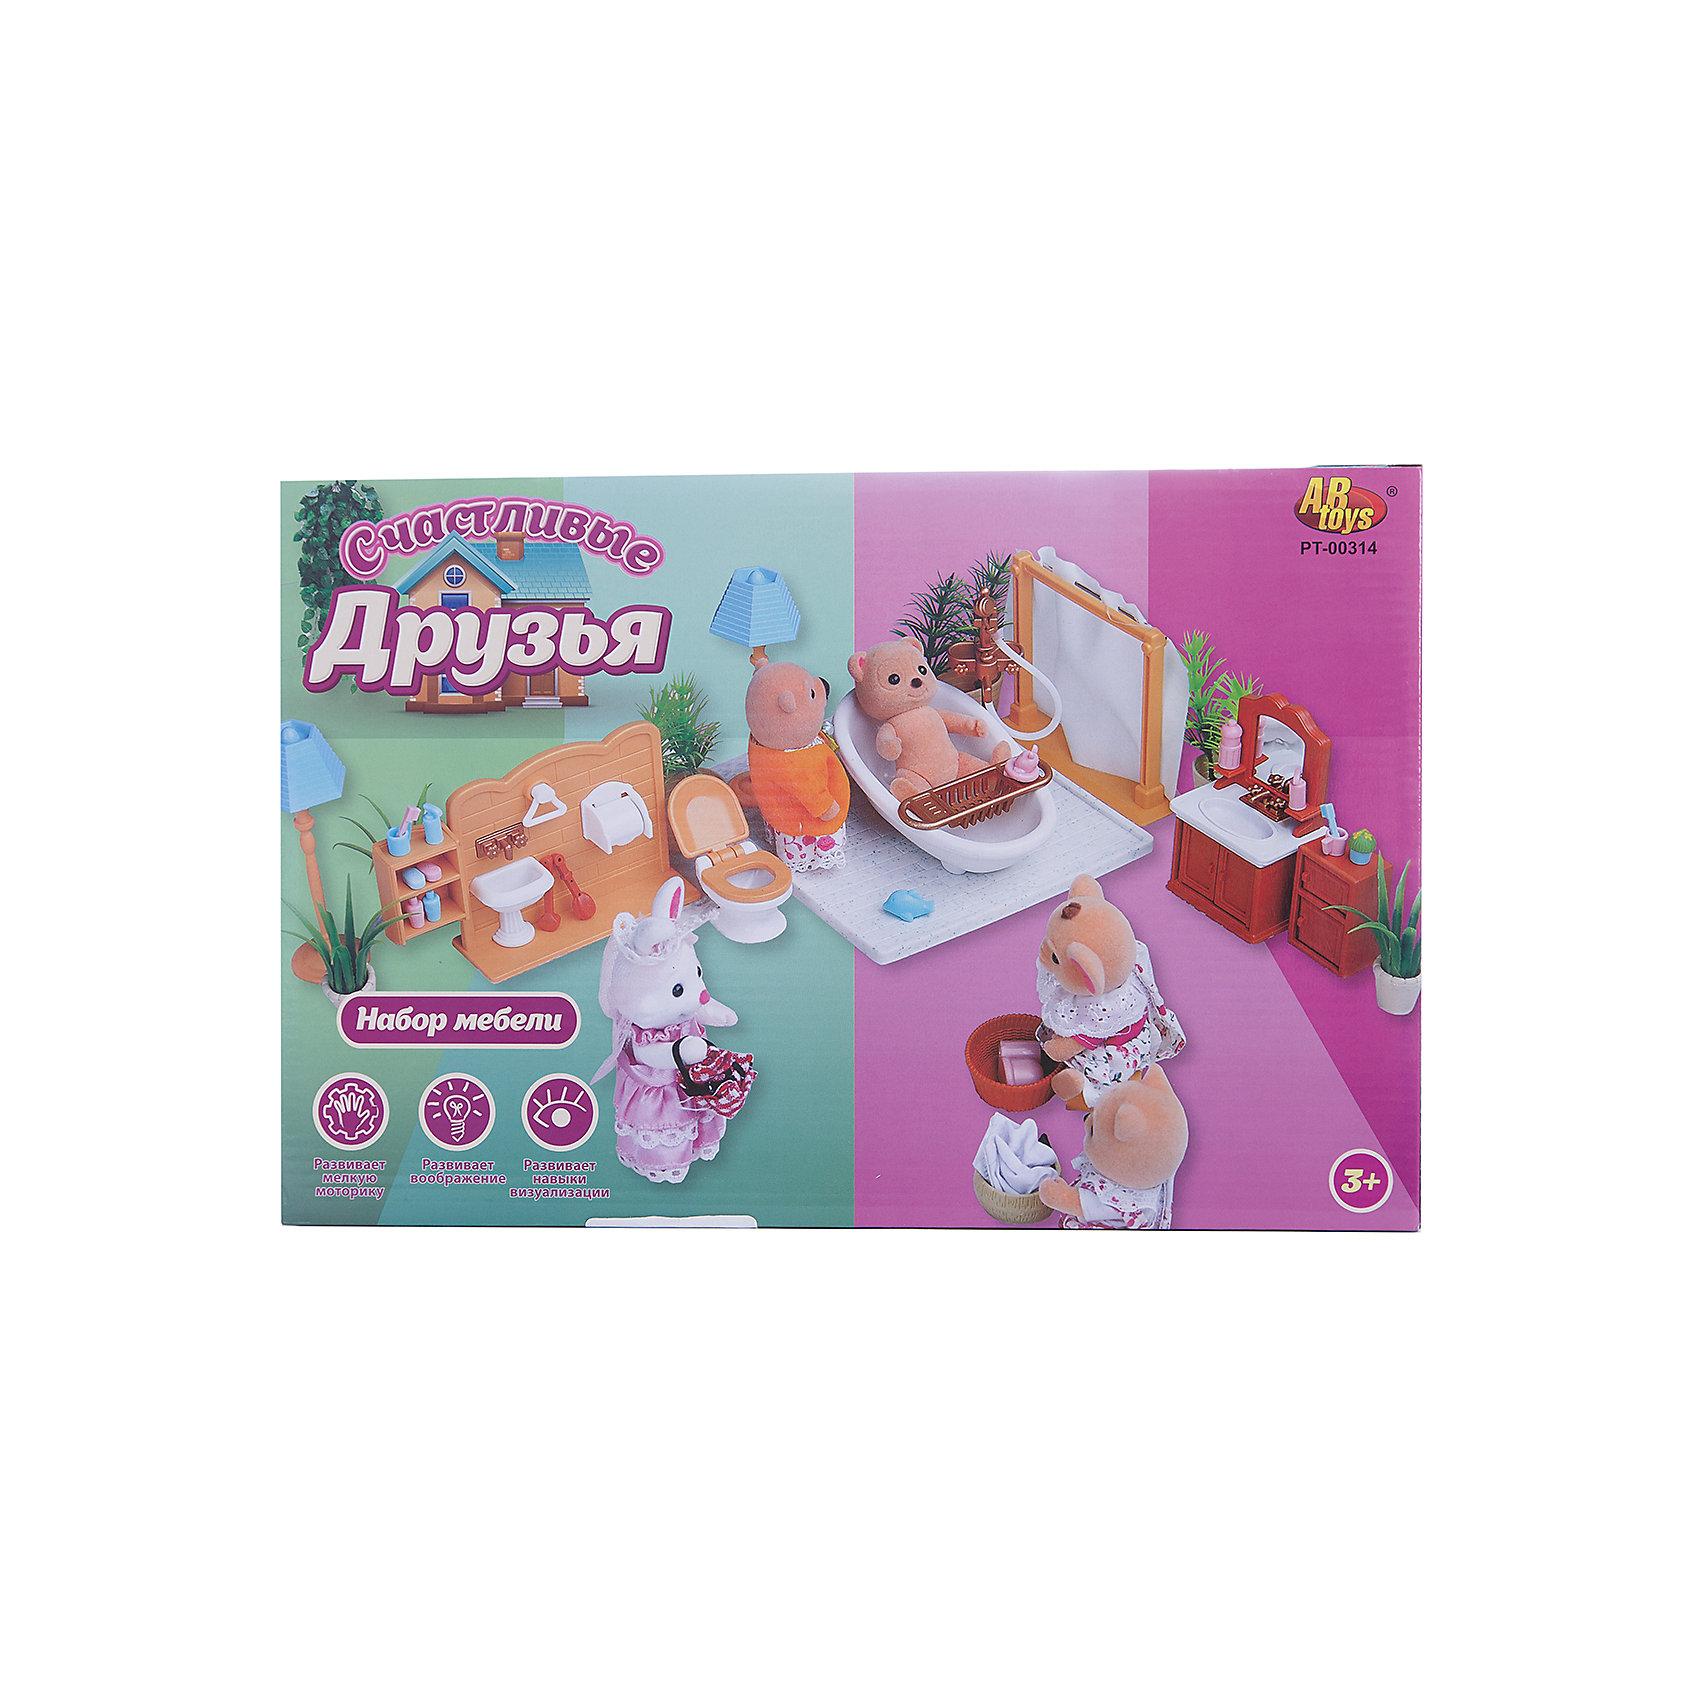 Набор мебели для ванной, с аксессурами, Счастливые друзья, ABtoys от myToys